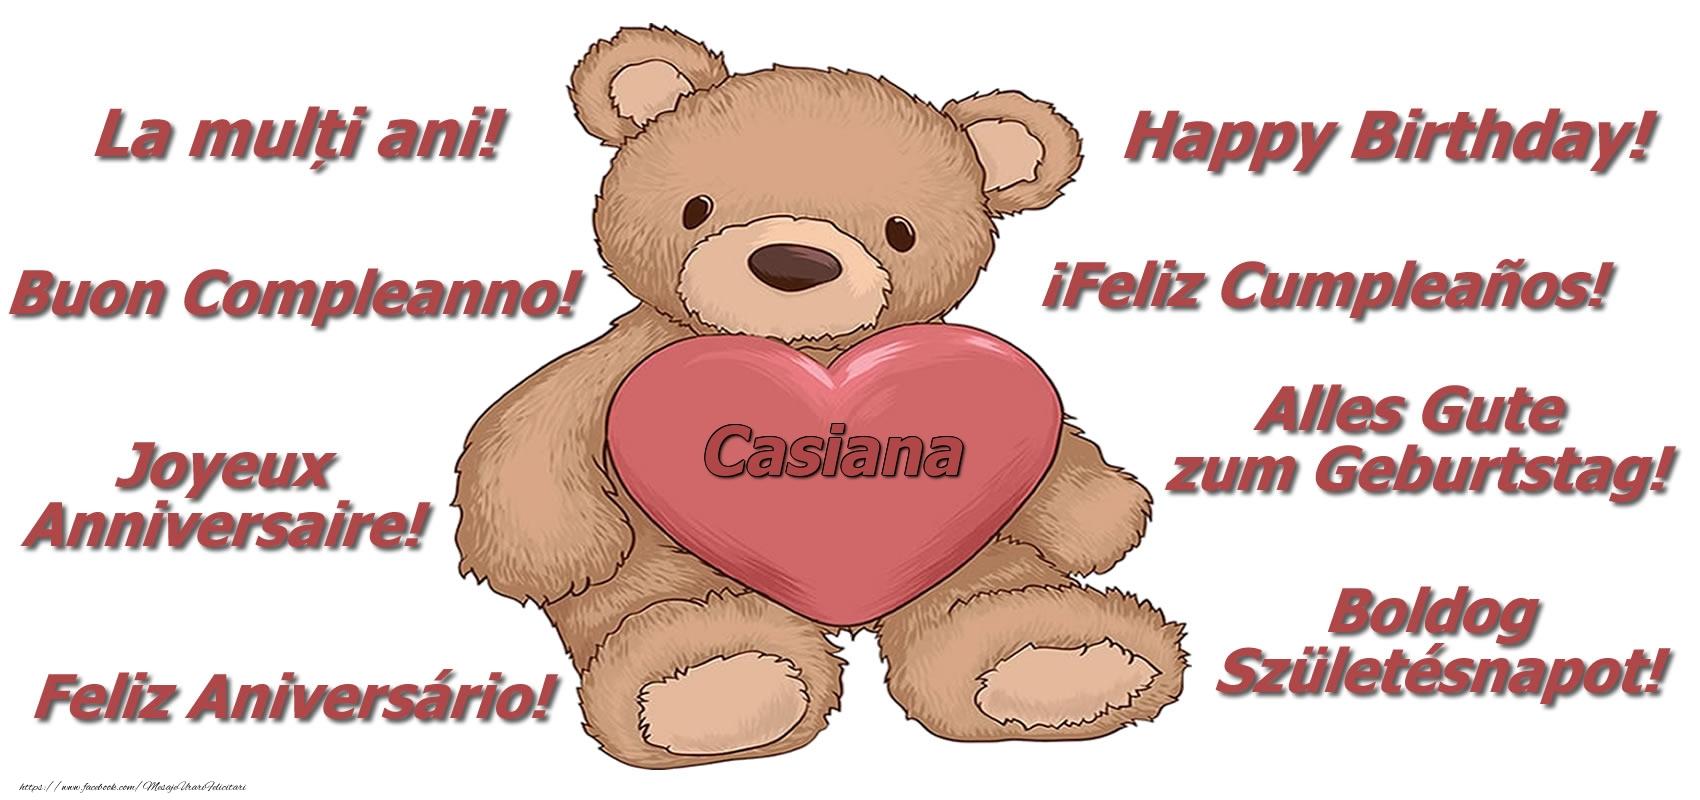 Felicitari de zi de nastere - La multi ani Casiana! - Ursulet